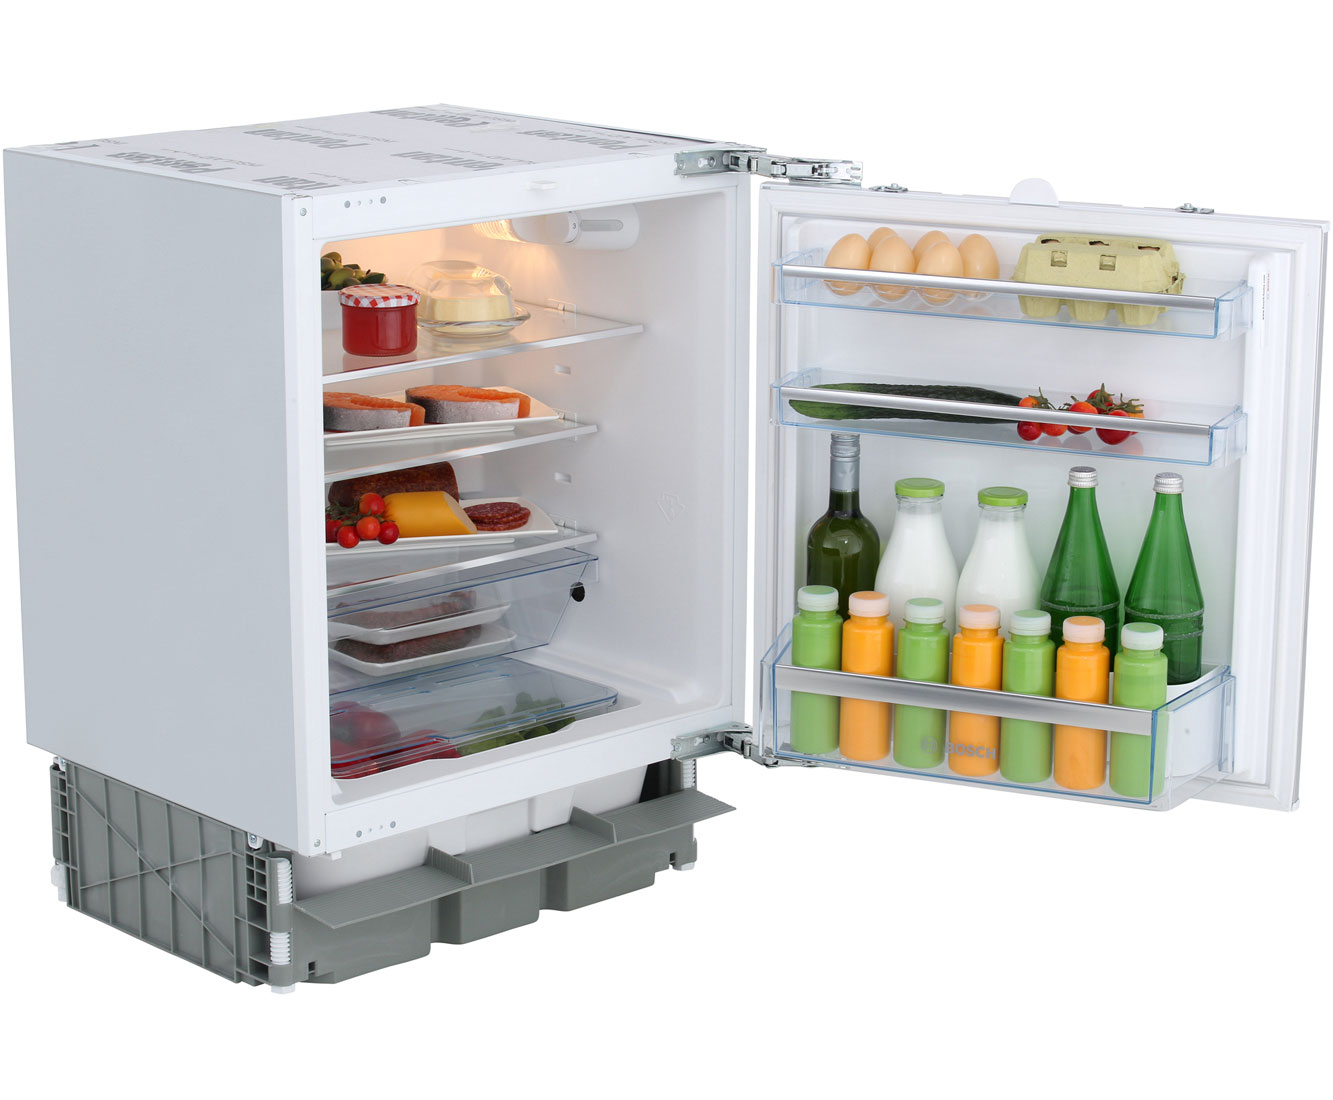 Bosch Kühlschrank Biofresh : Unterbau kühlschrank preisvergleich u die besten angebote online